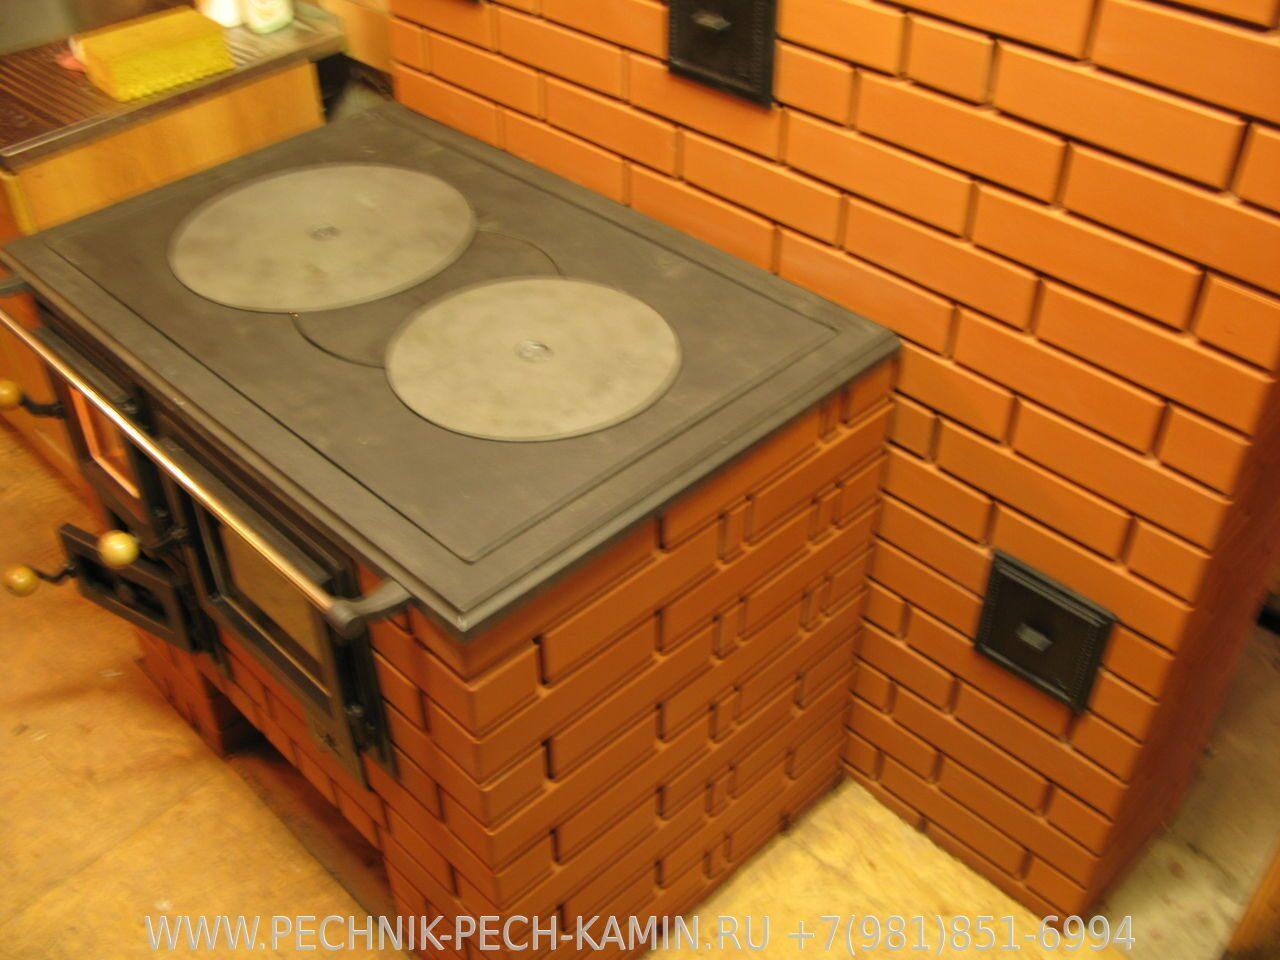 Печь плита дом своими руками